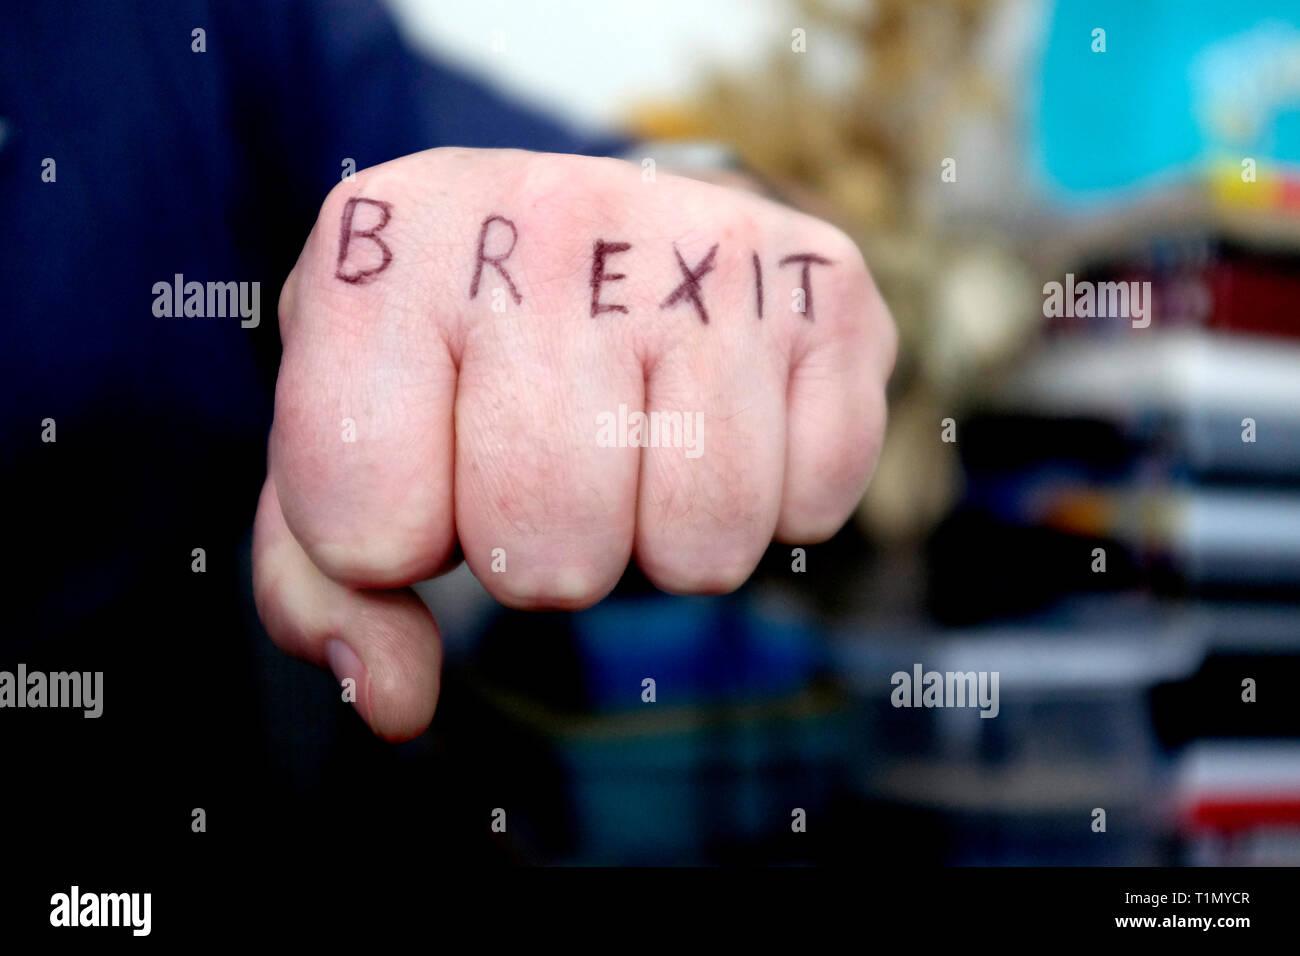 Référendum,gauche,fist,avec Brexit,tatoué,sur,knuckles,punch,de,la,face,sortir,rester,remoaners brexiteers,,Angleterre,Grande-bretagne, Royaume-Uni, Union européenne, UE,, Photo Stock